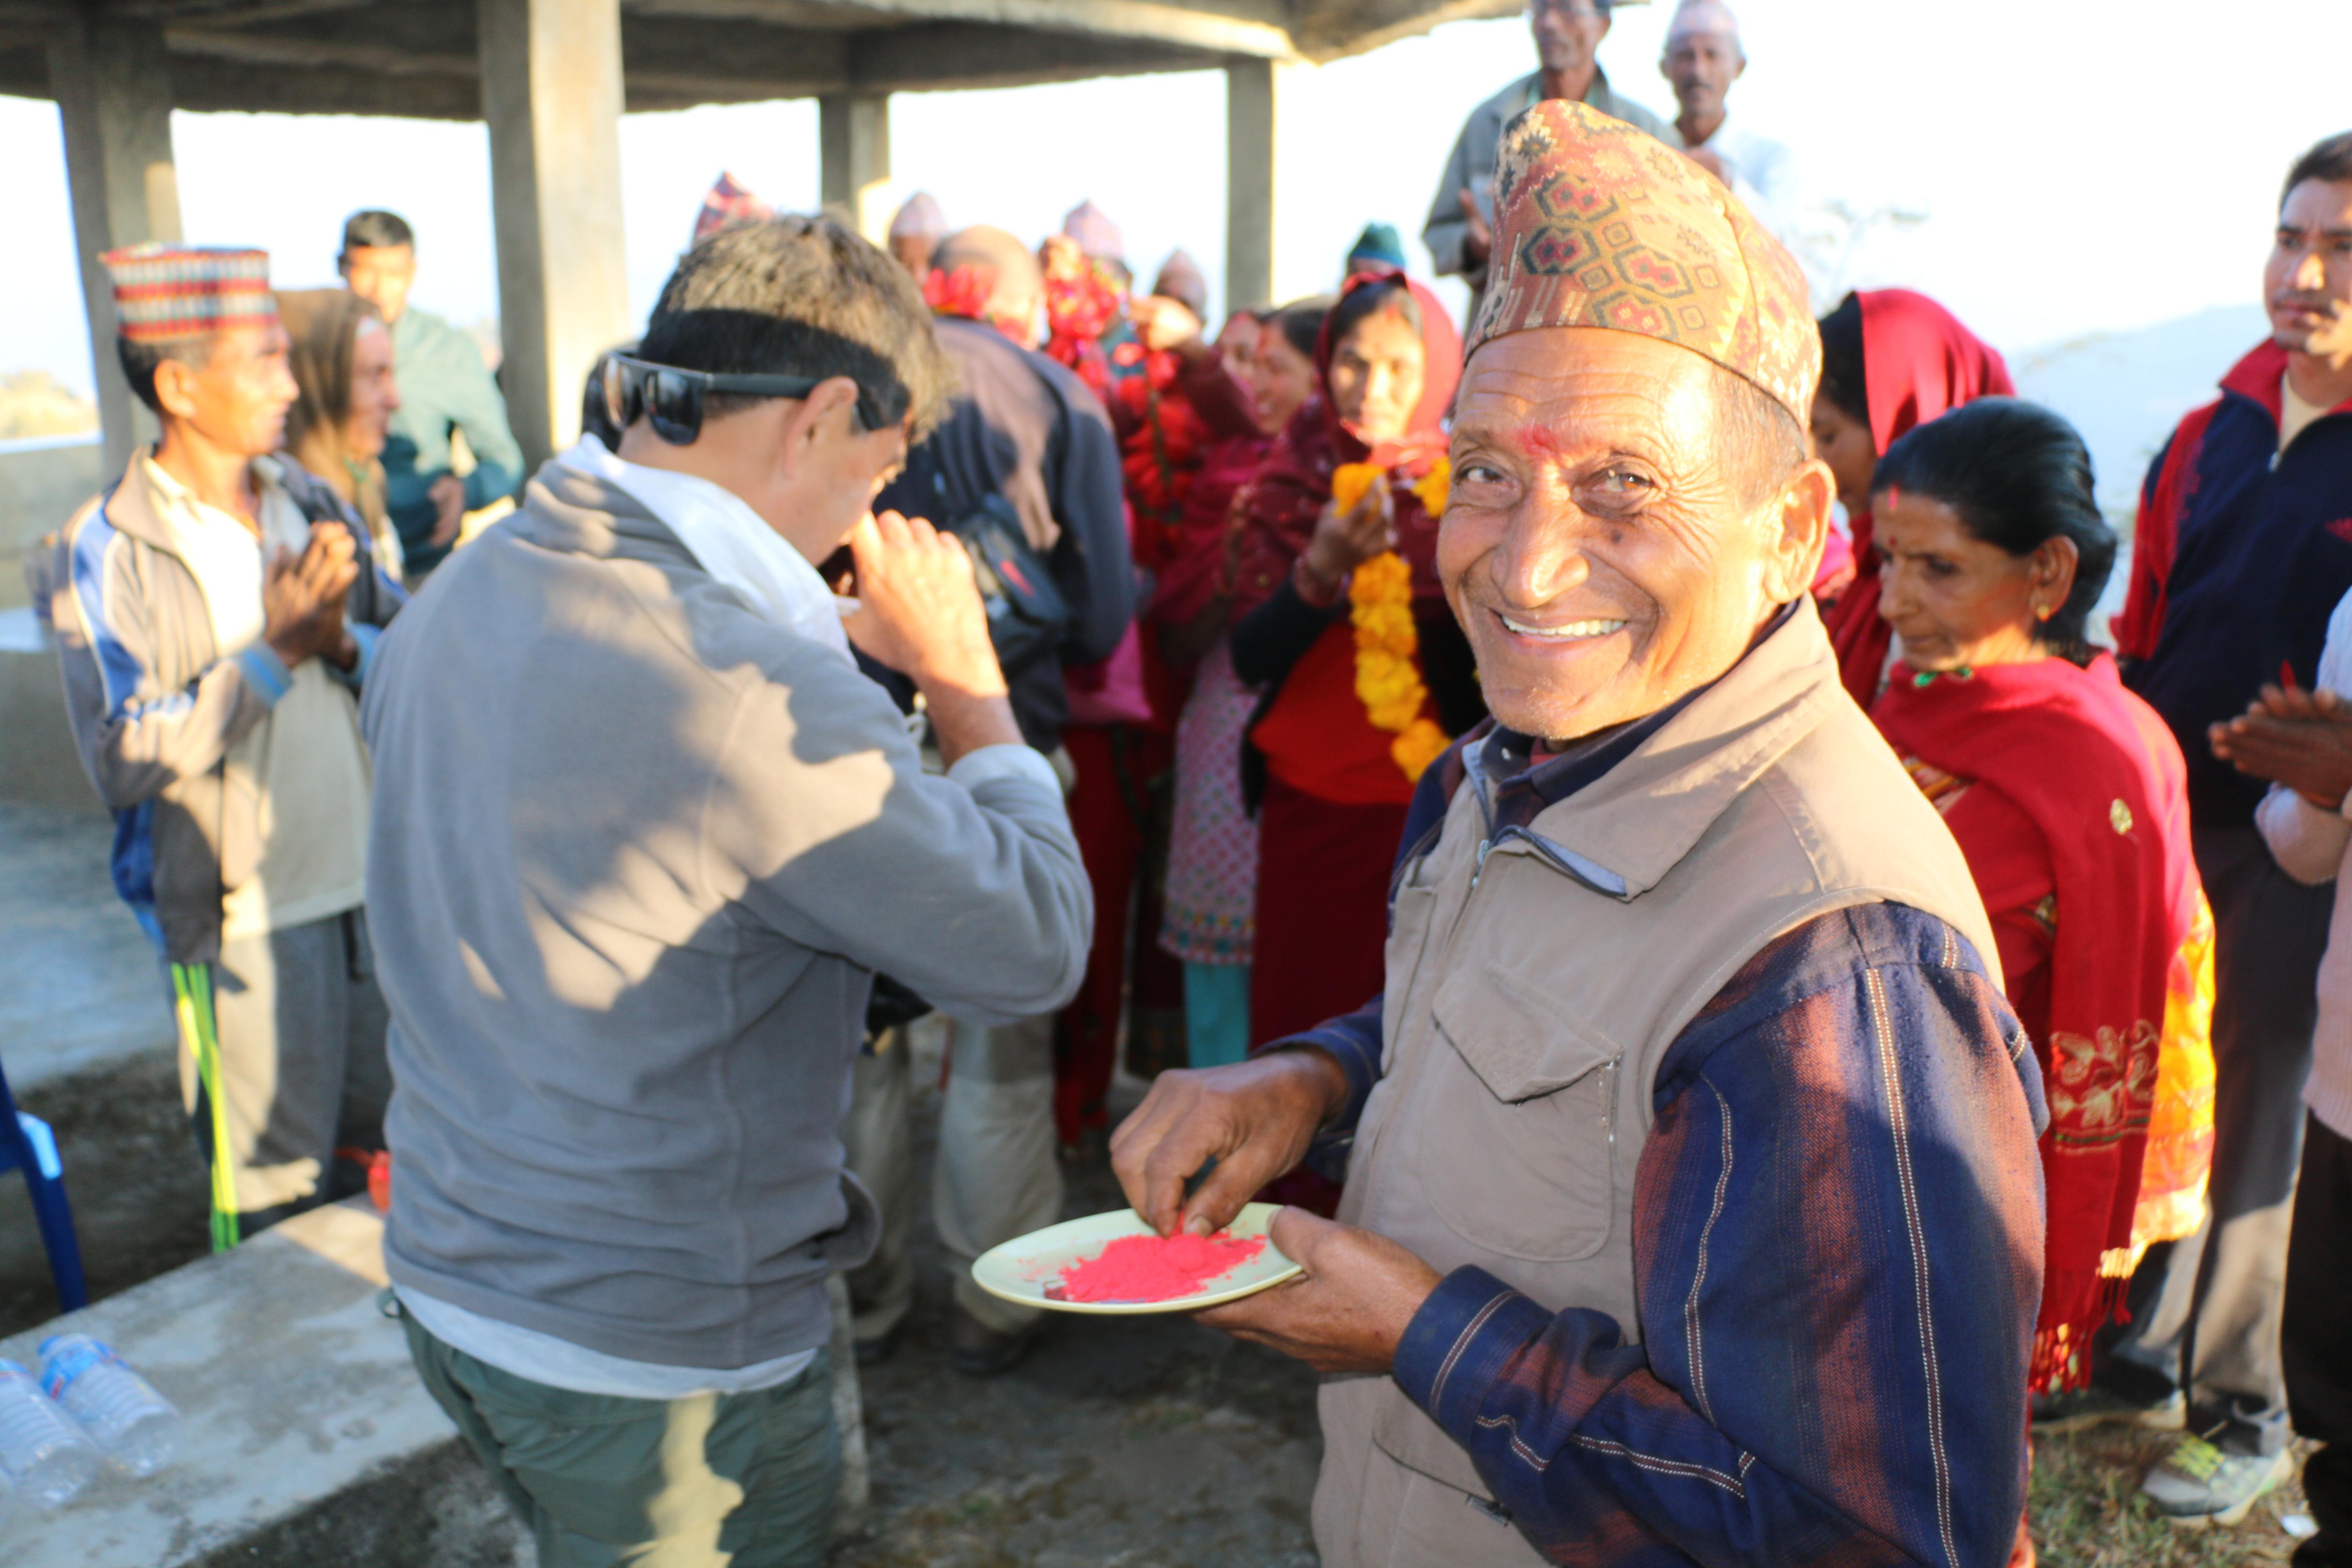 A smiling man in Kerauja